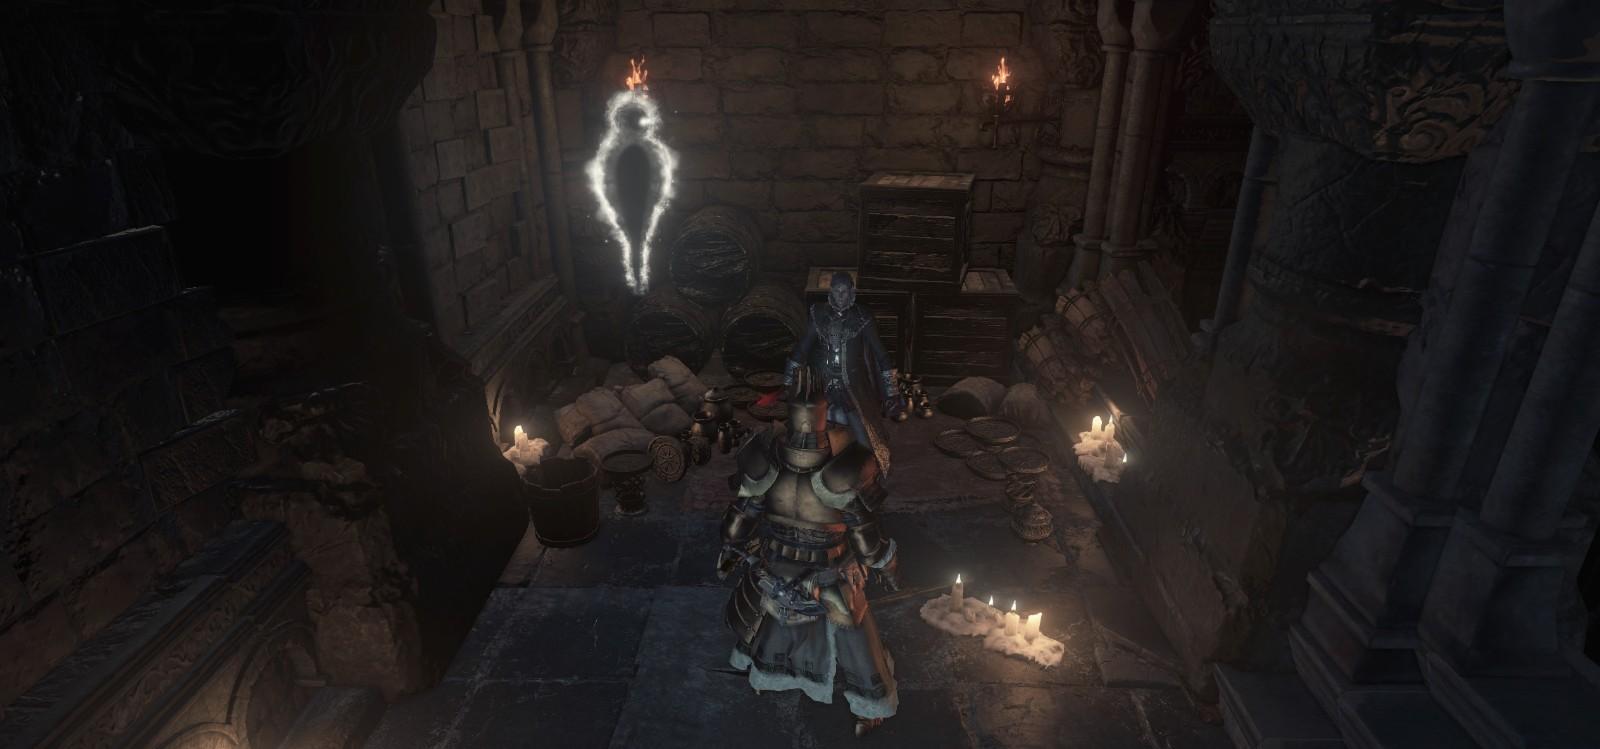 《黑暗之魂3》大型Mod深渊的呼唤 添加诸多新内容